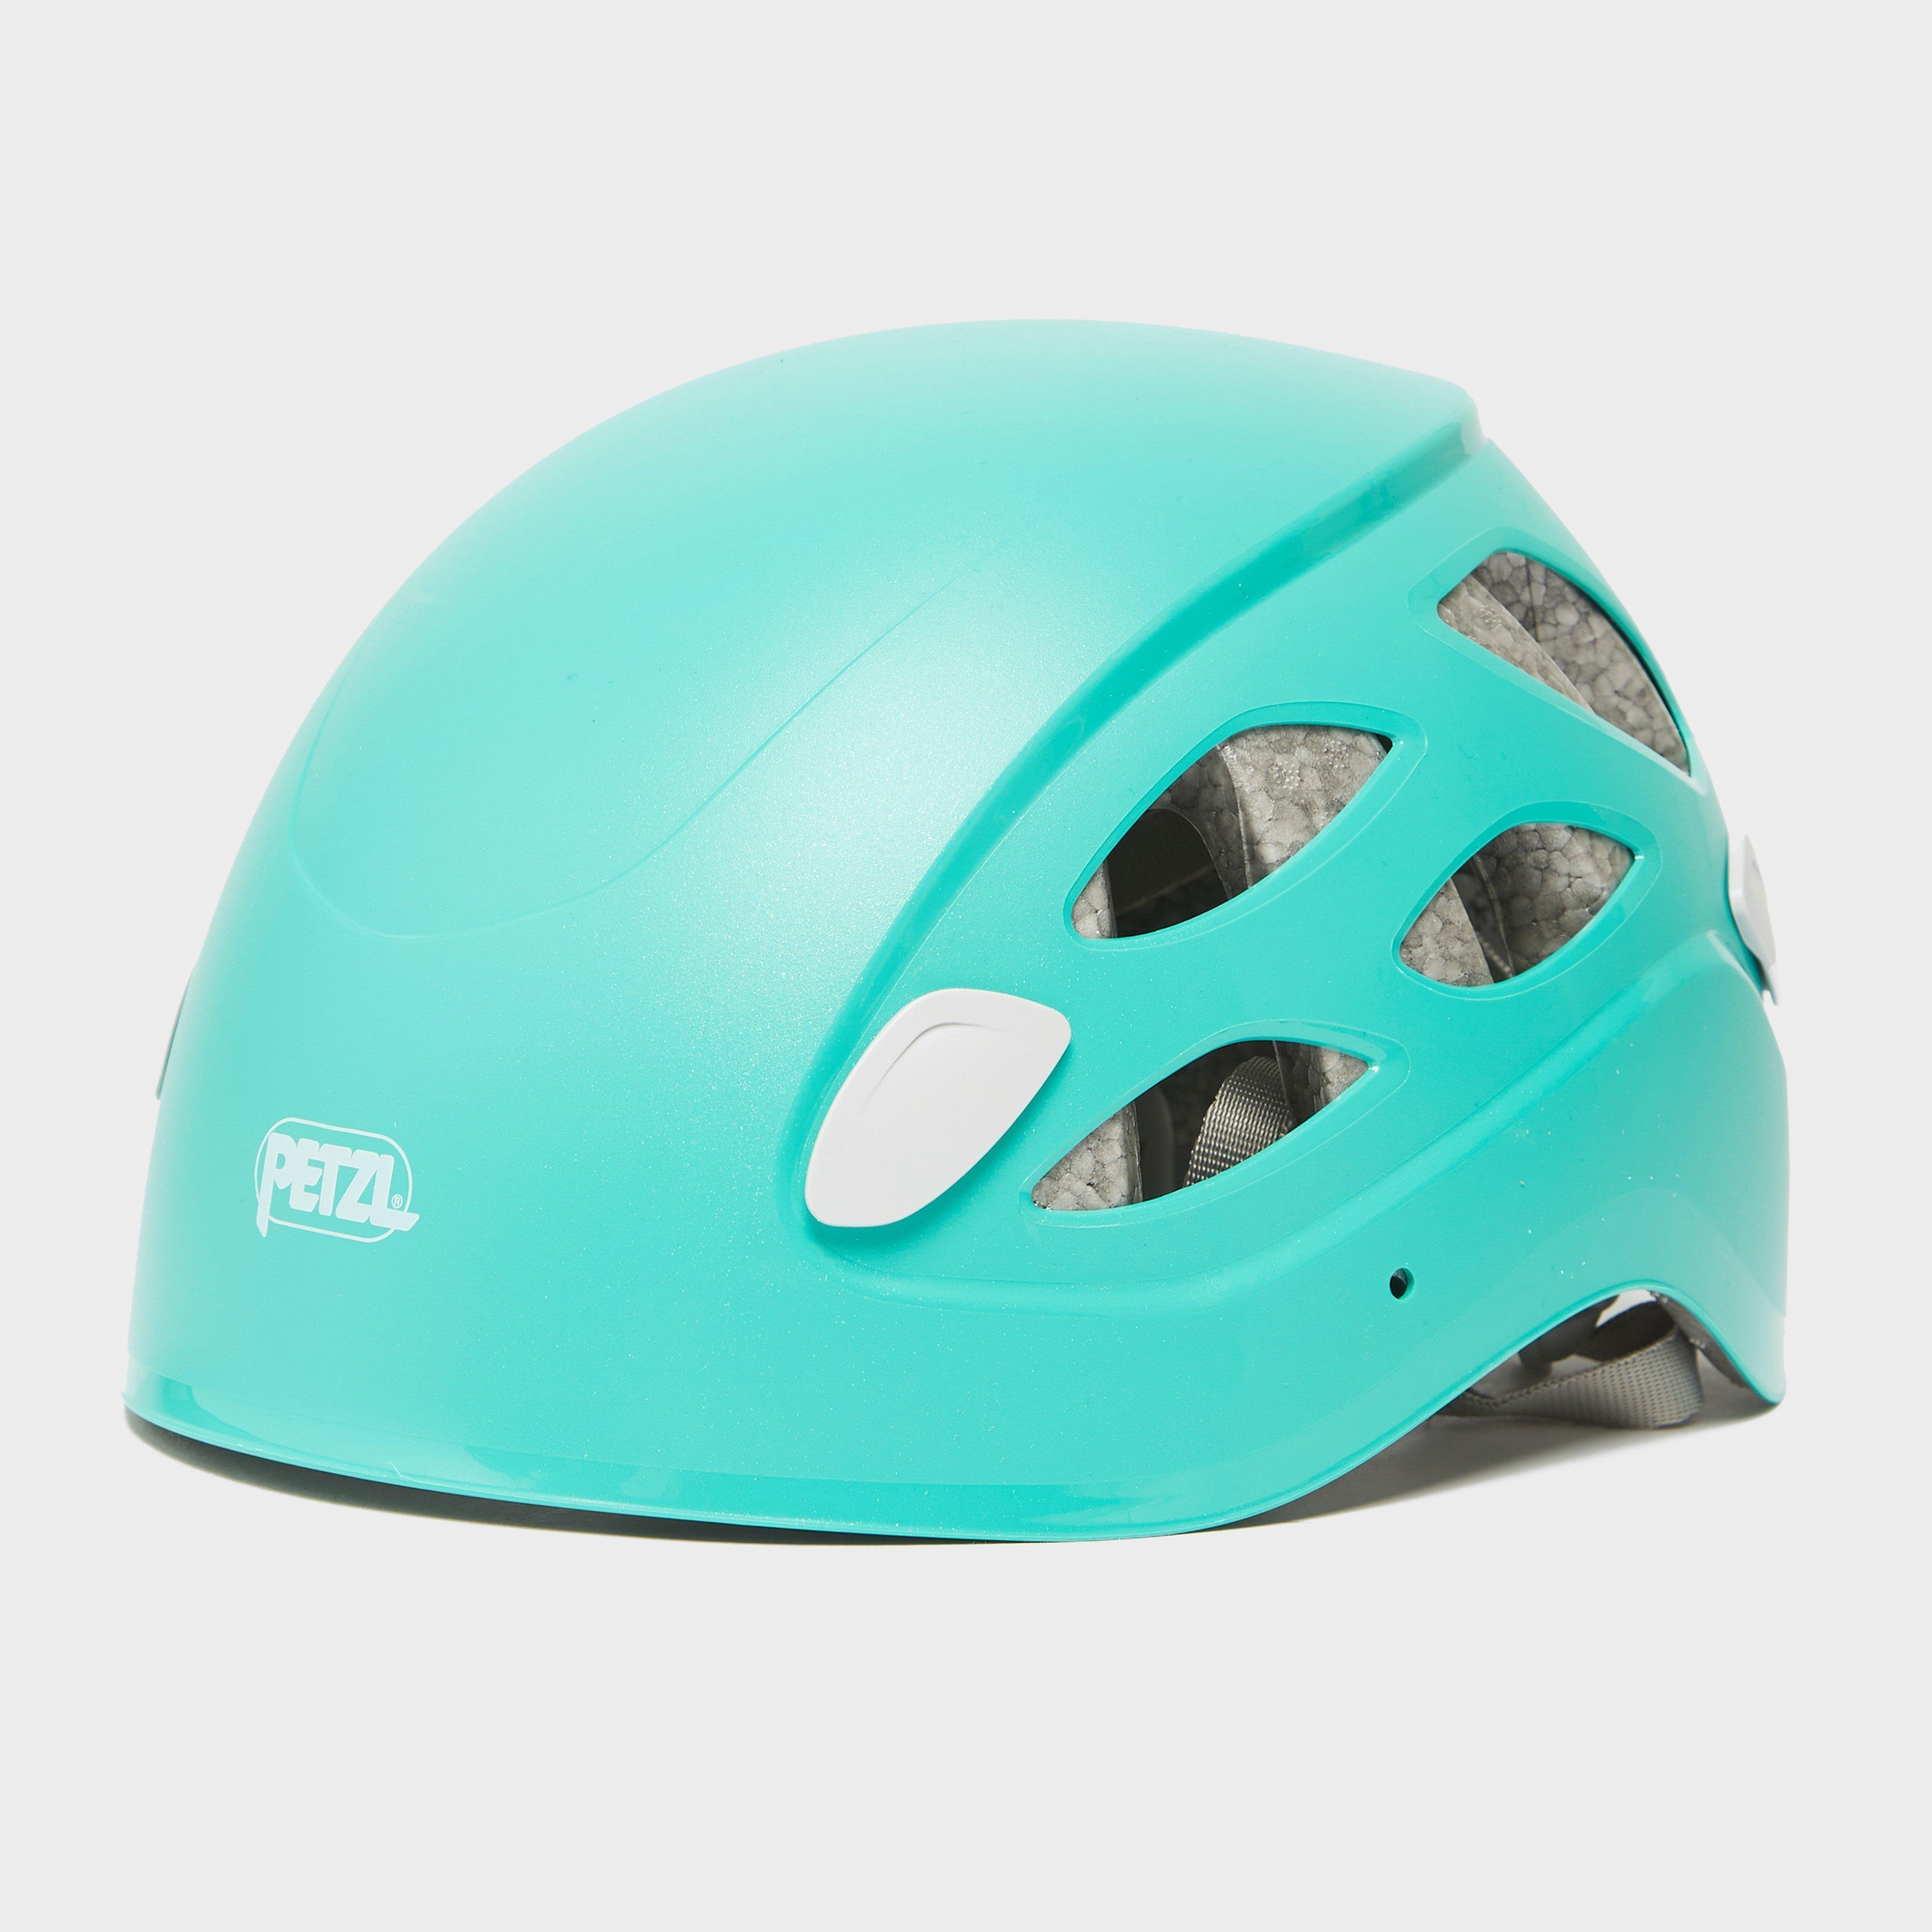 Petzl Borea Climbing Helmet - Blue/Trq, Blue/TRQ